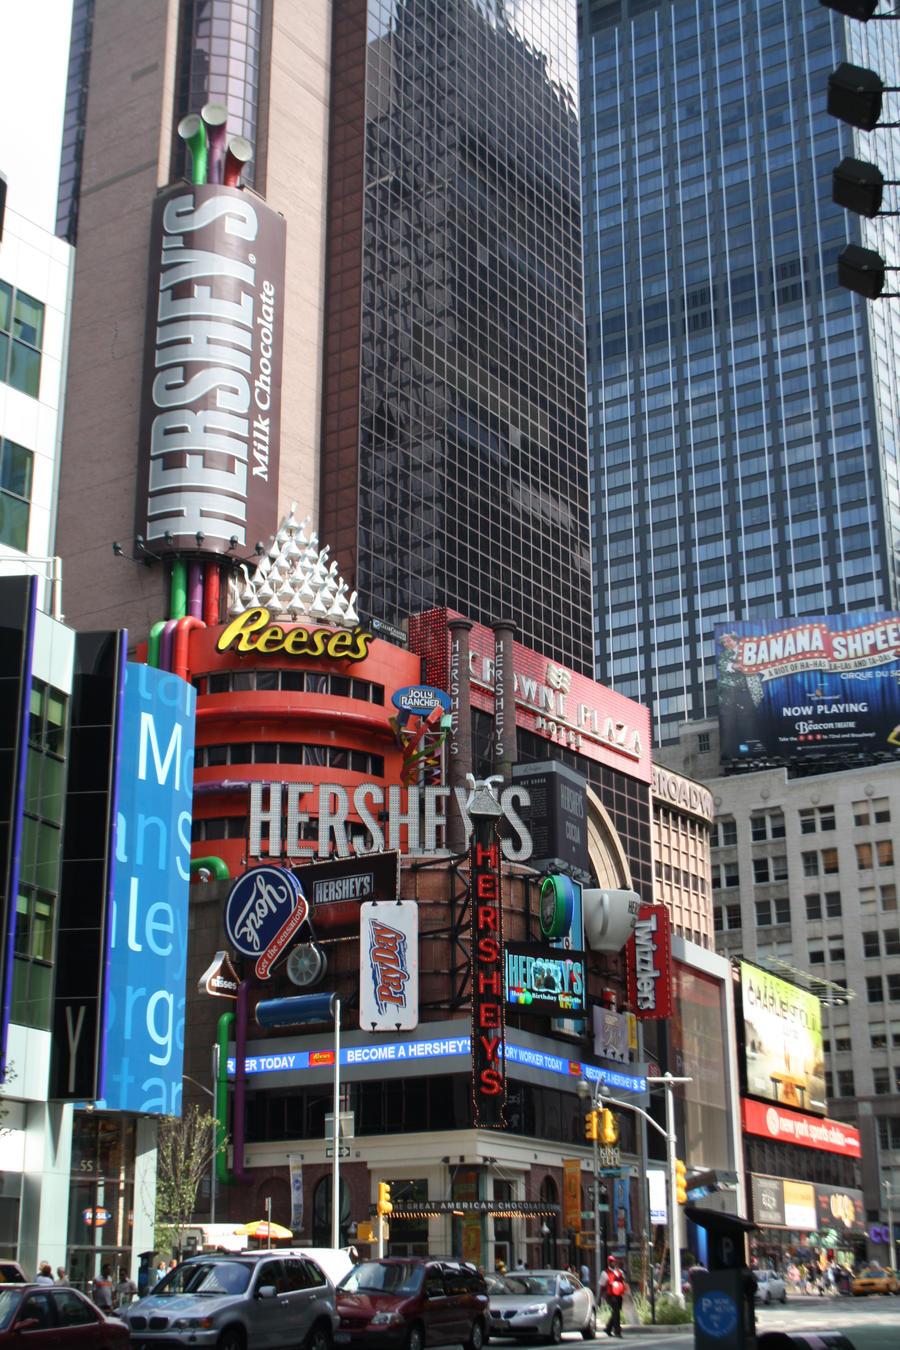 Hershey's Store, New York City By Emaratina On DeviantArt